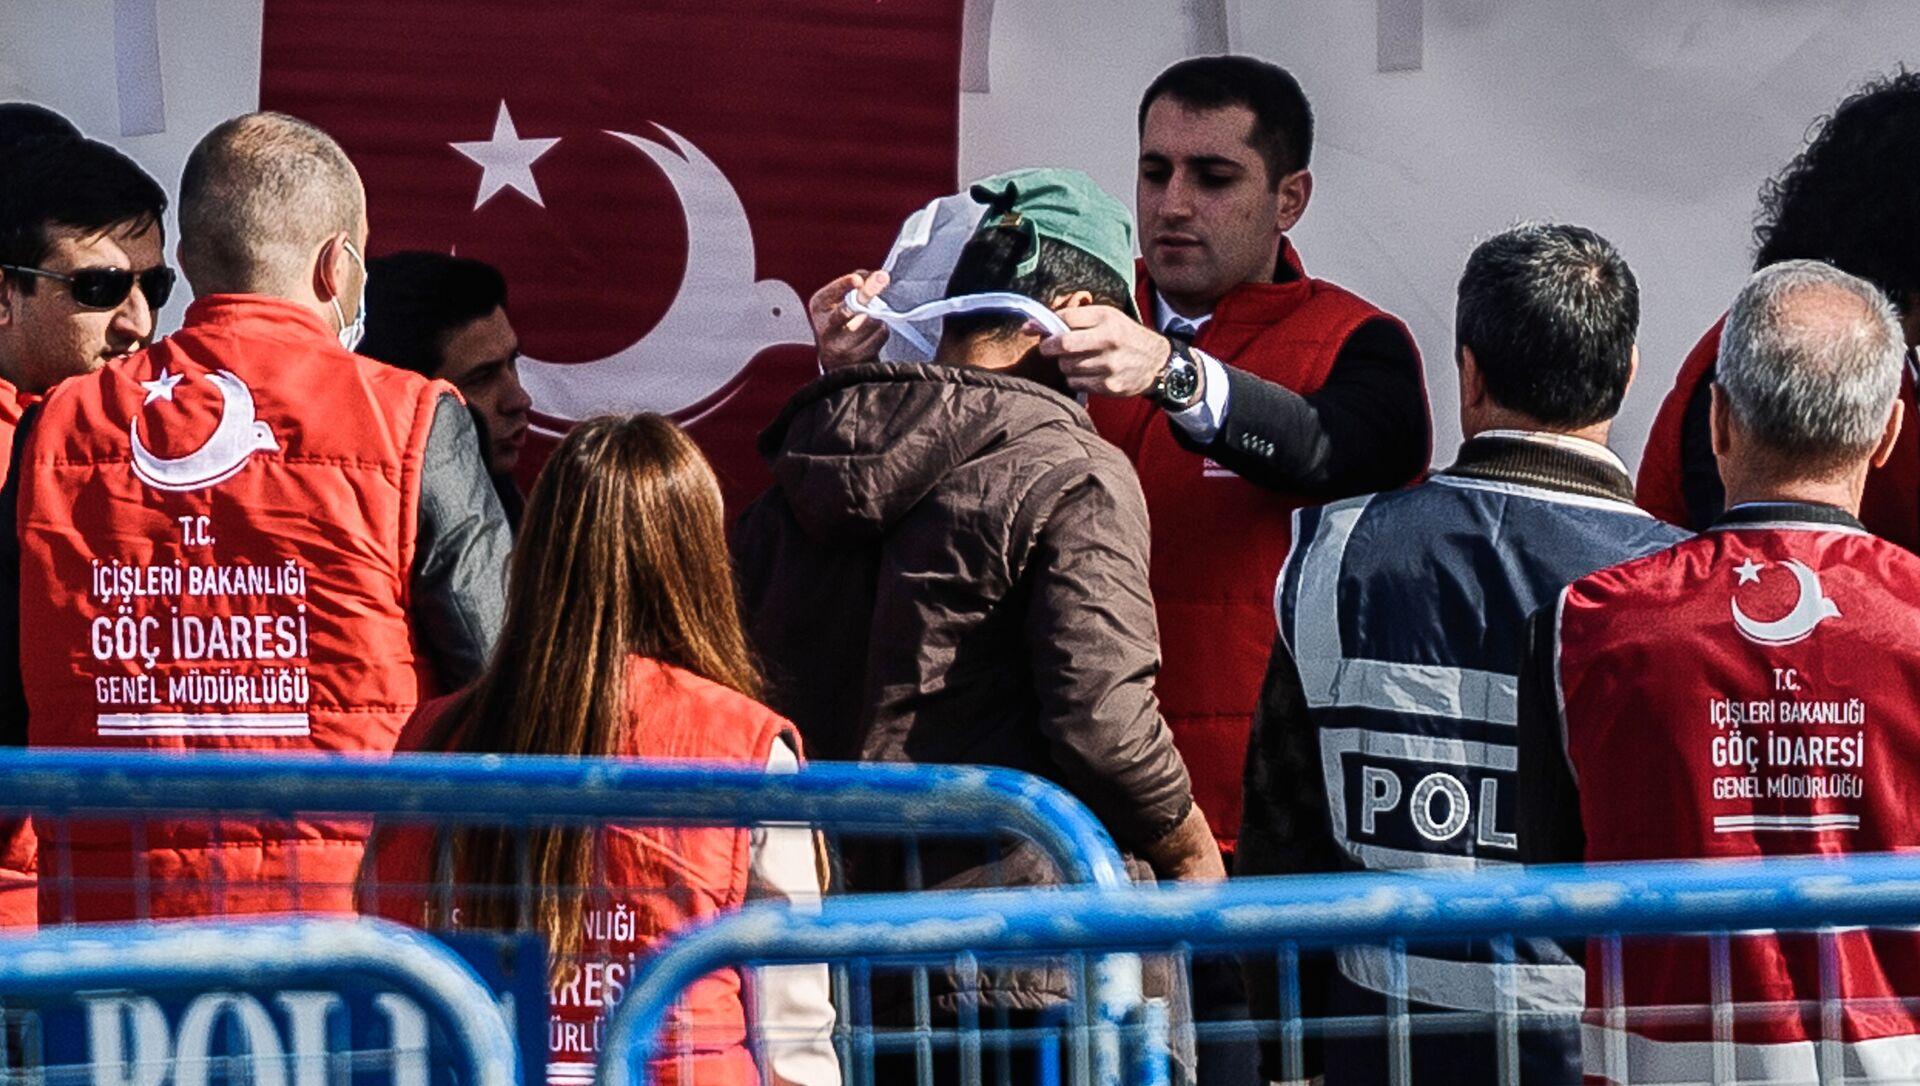 Migranti deportati dalla Grecia arrivati in Turchia - Sputnik Italia, 1920, 03.04.2021